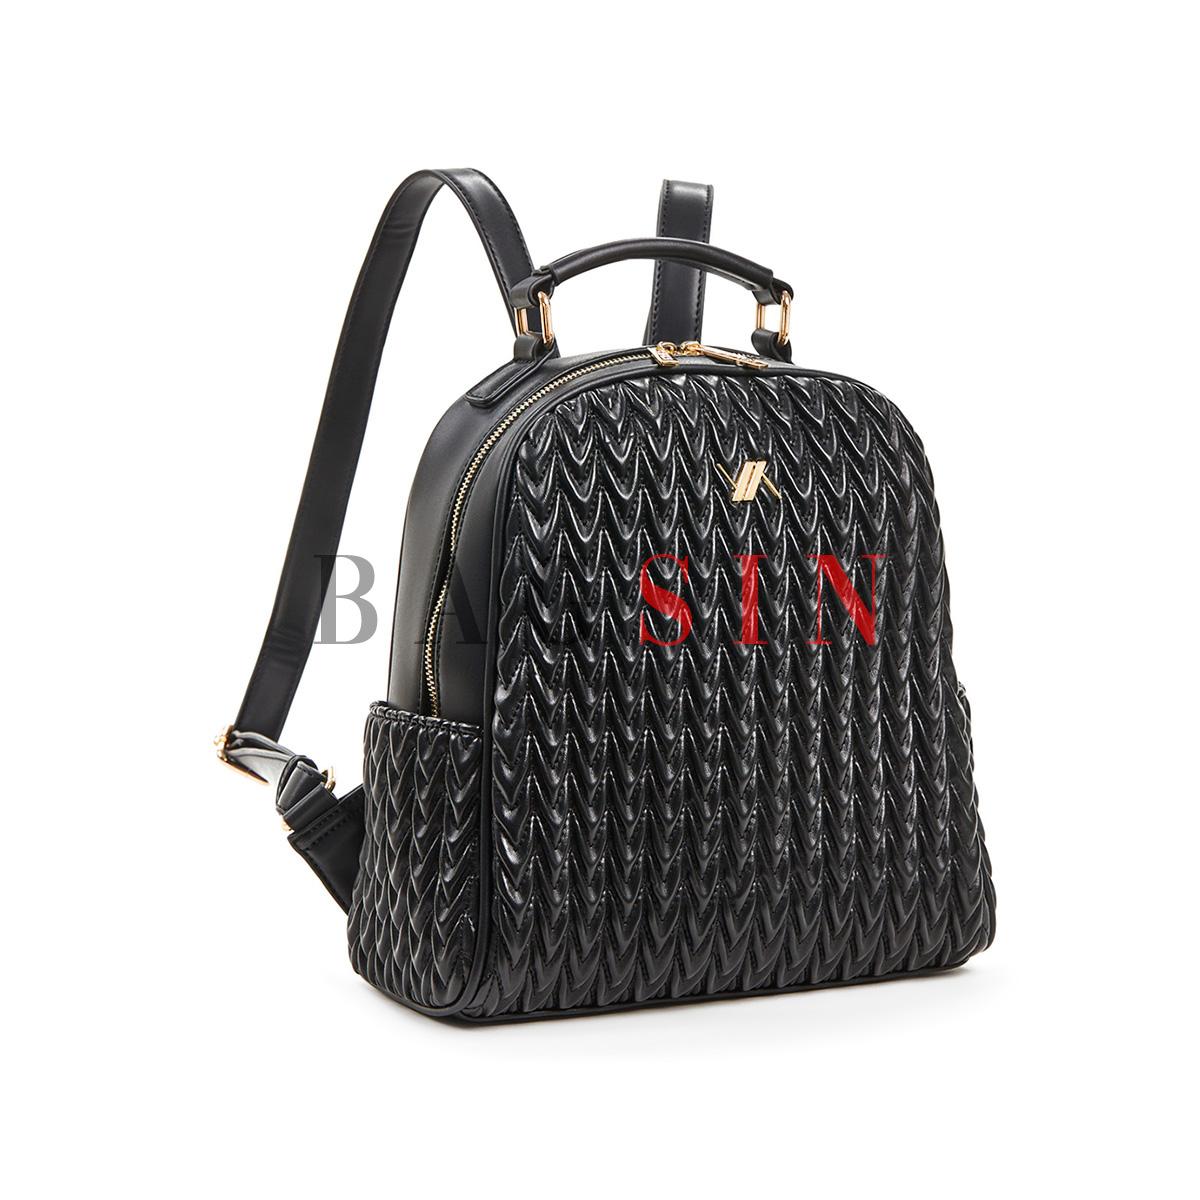 Σακίδιο Πλάτης Καπιτονέ Verde Backpack 16-5853 Μαύρο